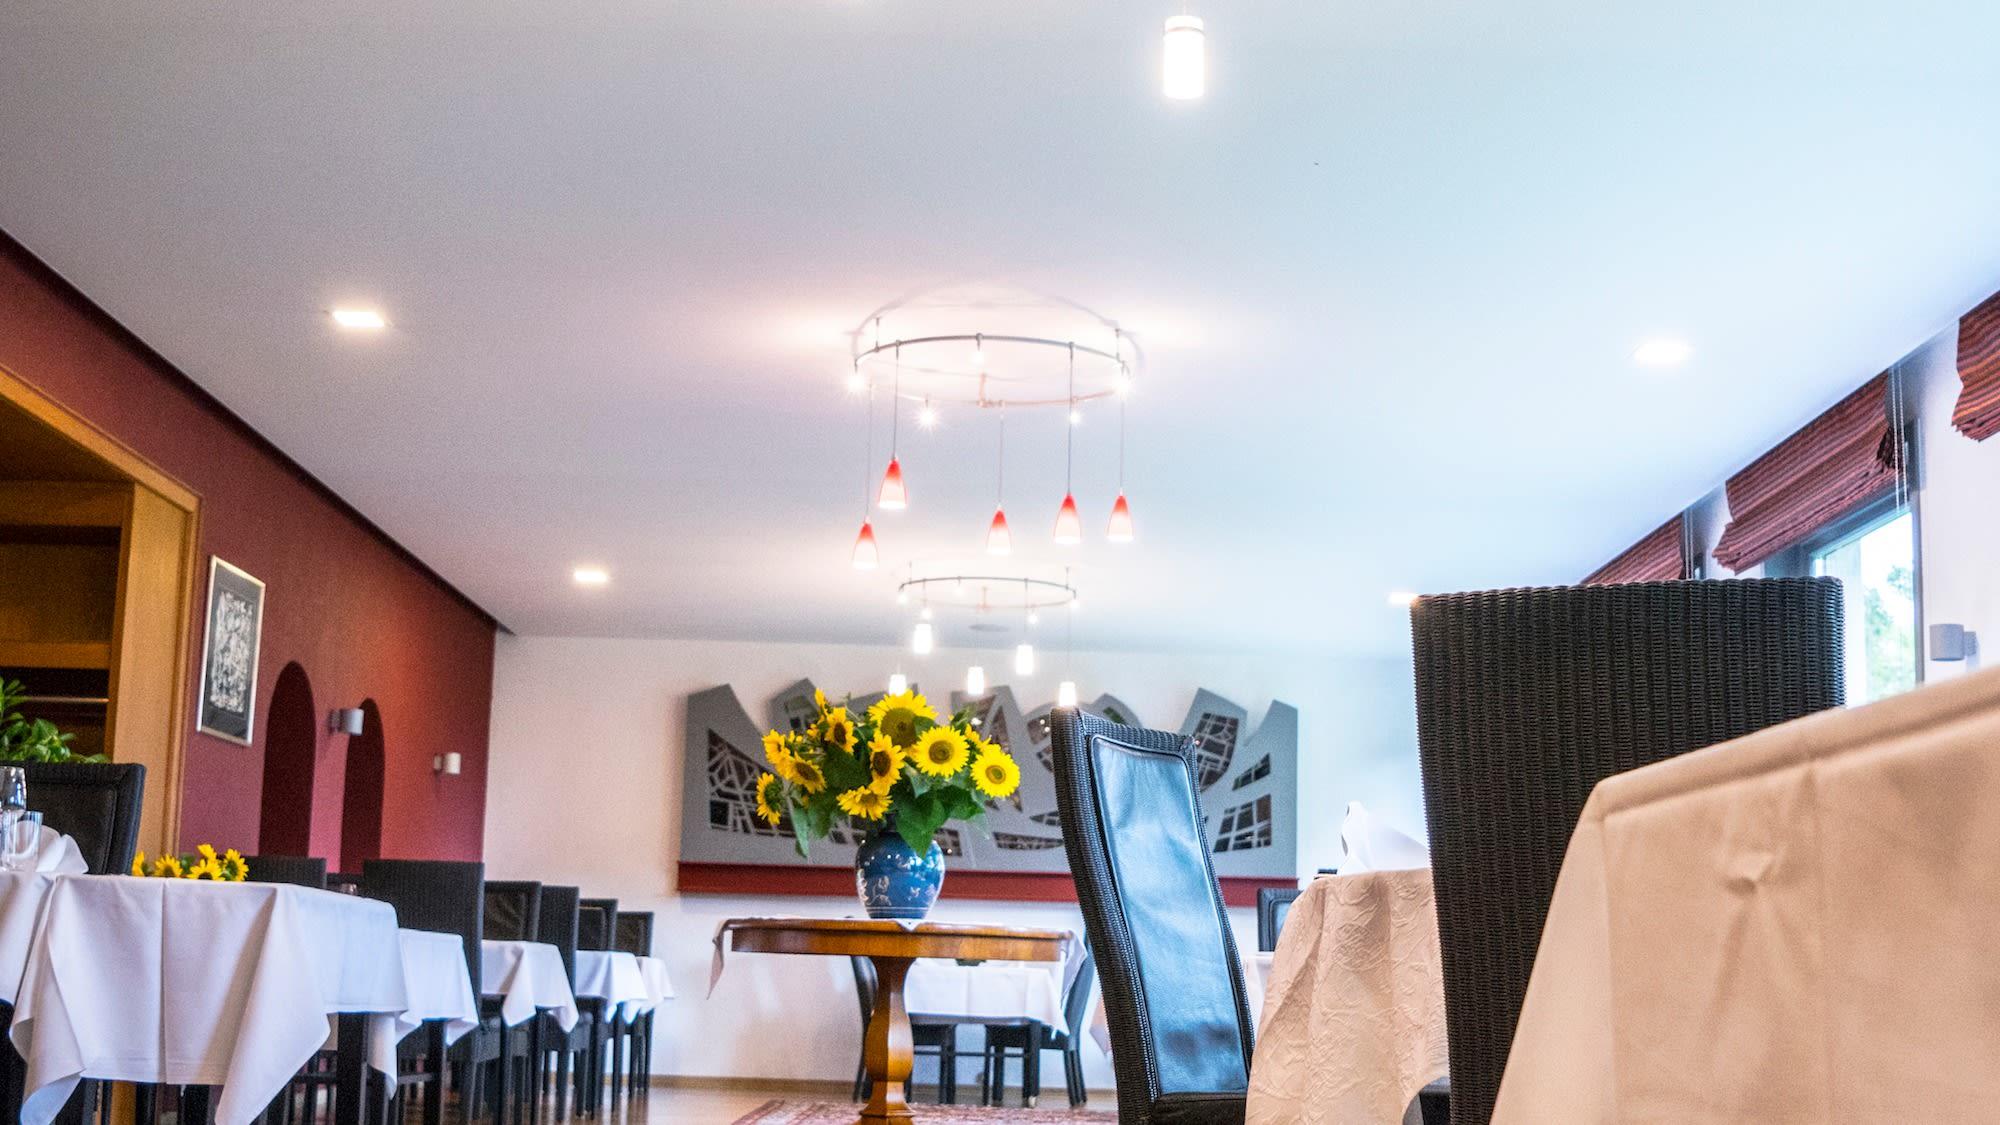 Akustikdecke über die ganze Fläche mit Beleuchtungskonzept sowie integrierter Lautsprecheranlage.